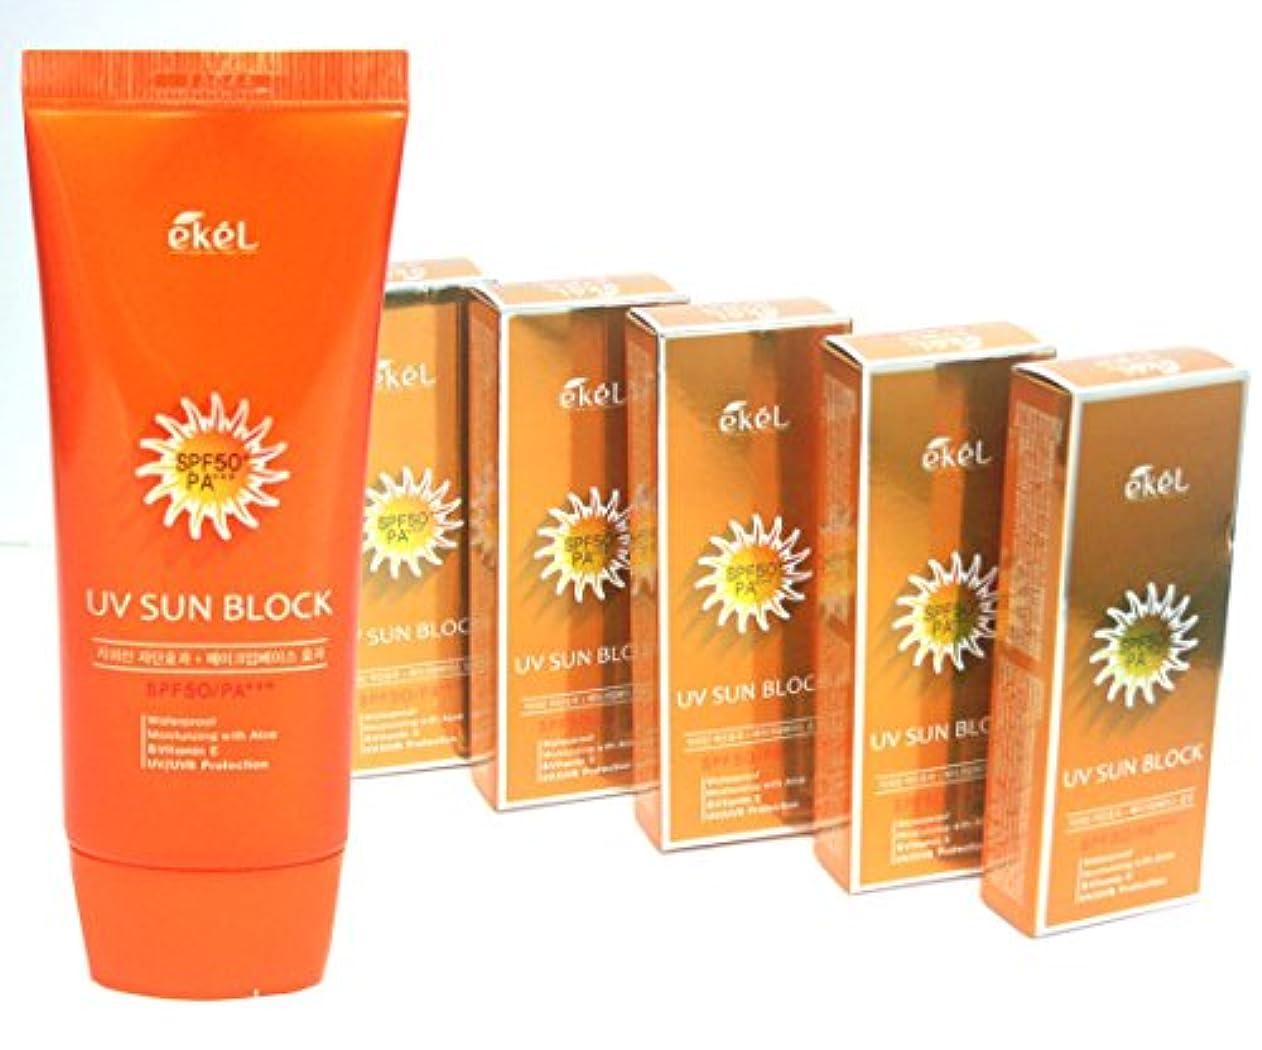 温度計戦争分離する[EKEL] アロエ&ビタミンE日焼け止めクリームSPF50 PA+++70ml X 5EA / Aloe & Vitamin E Sun Block Cream SPF50 PA+++ 70ml X 5EA / UVプロテクション...